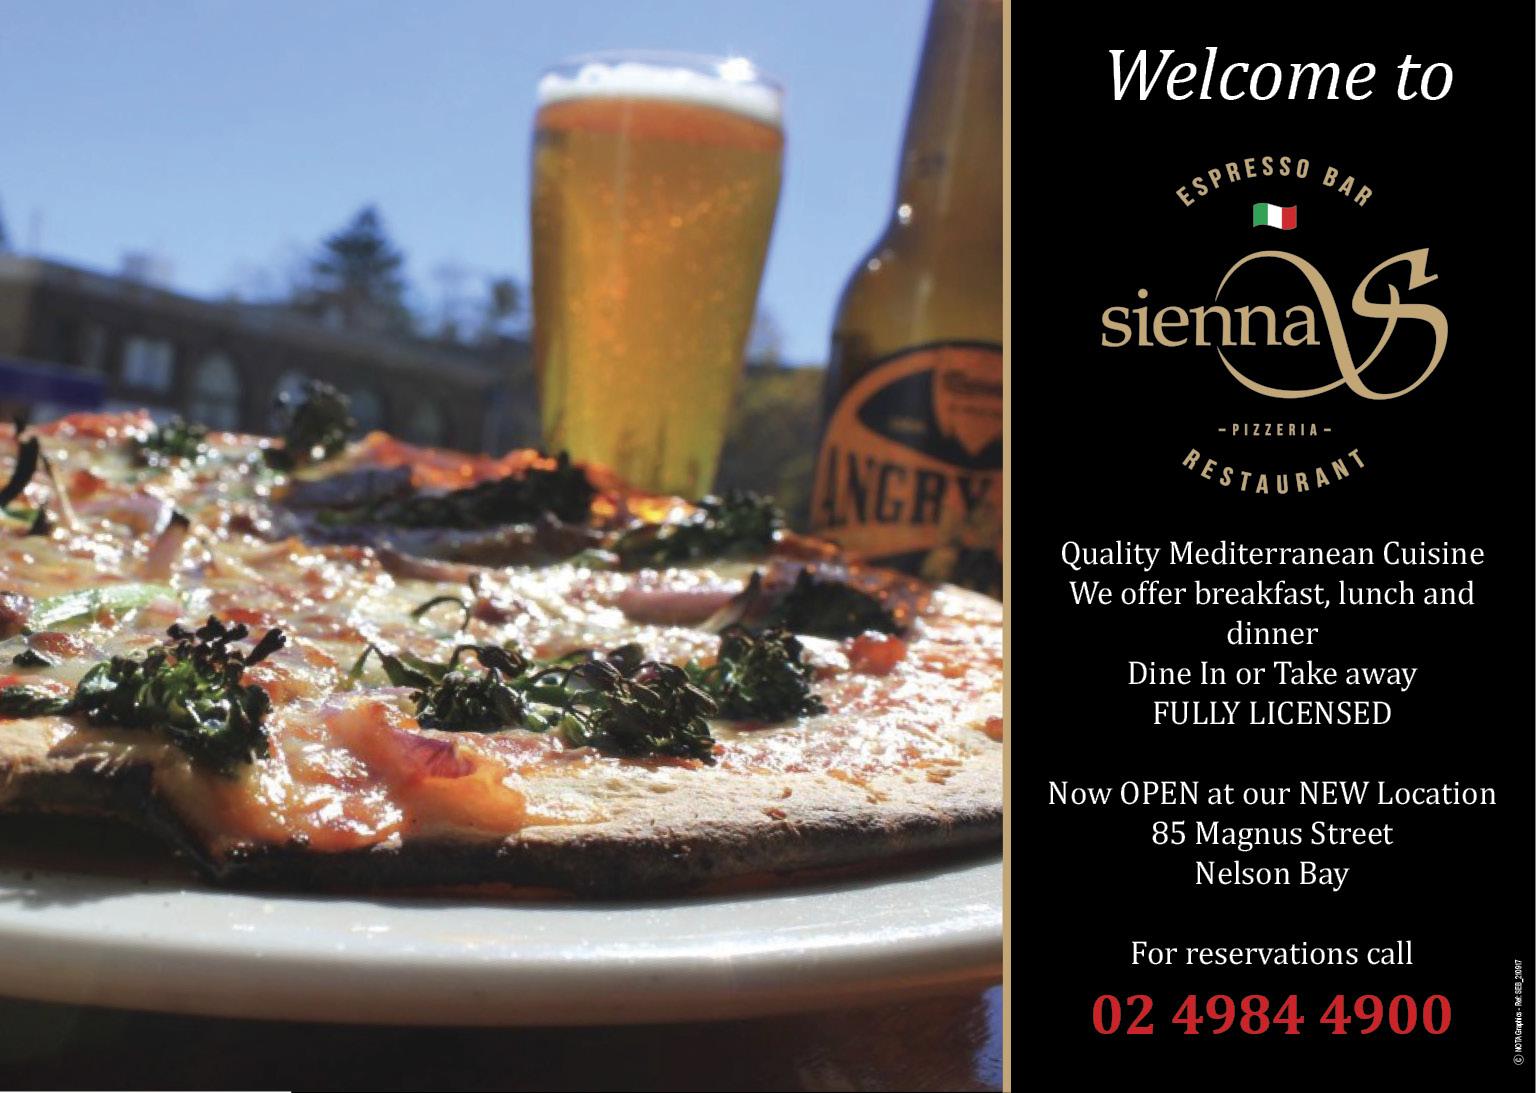 Sienna's Pizza Bar & Restaurant